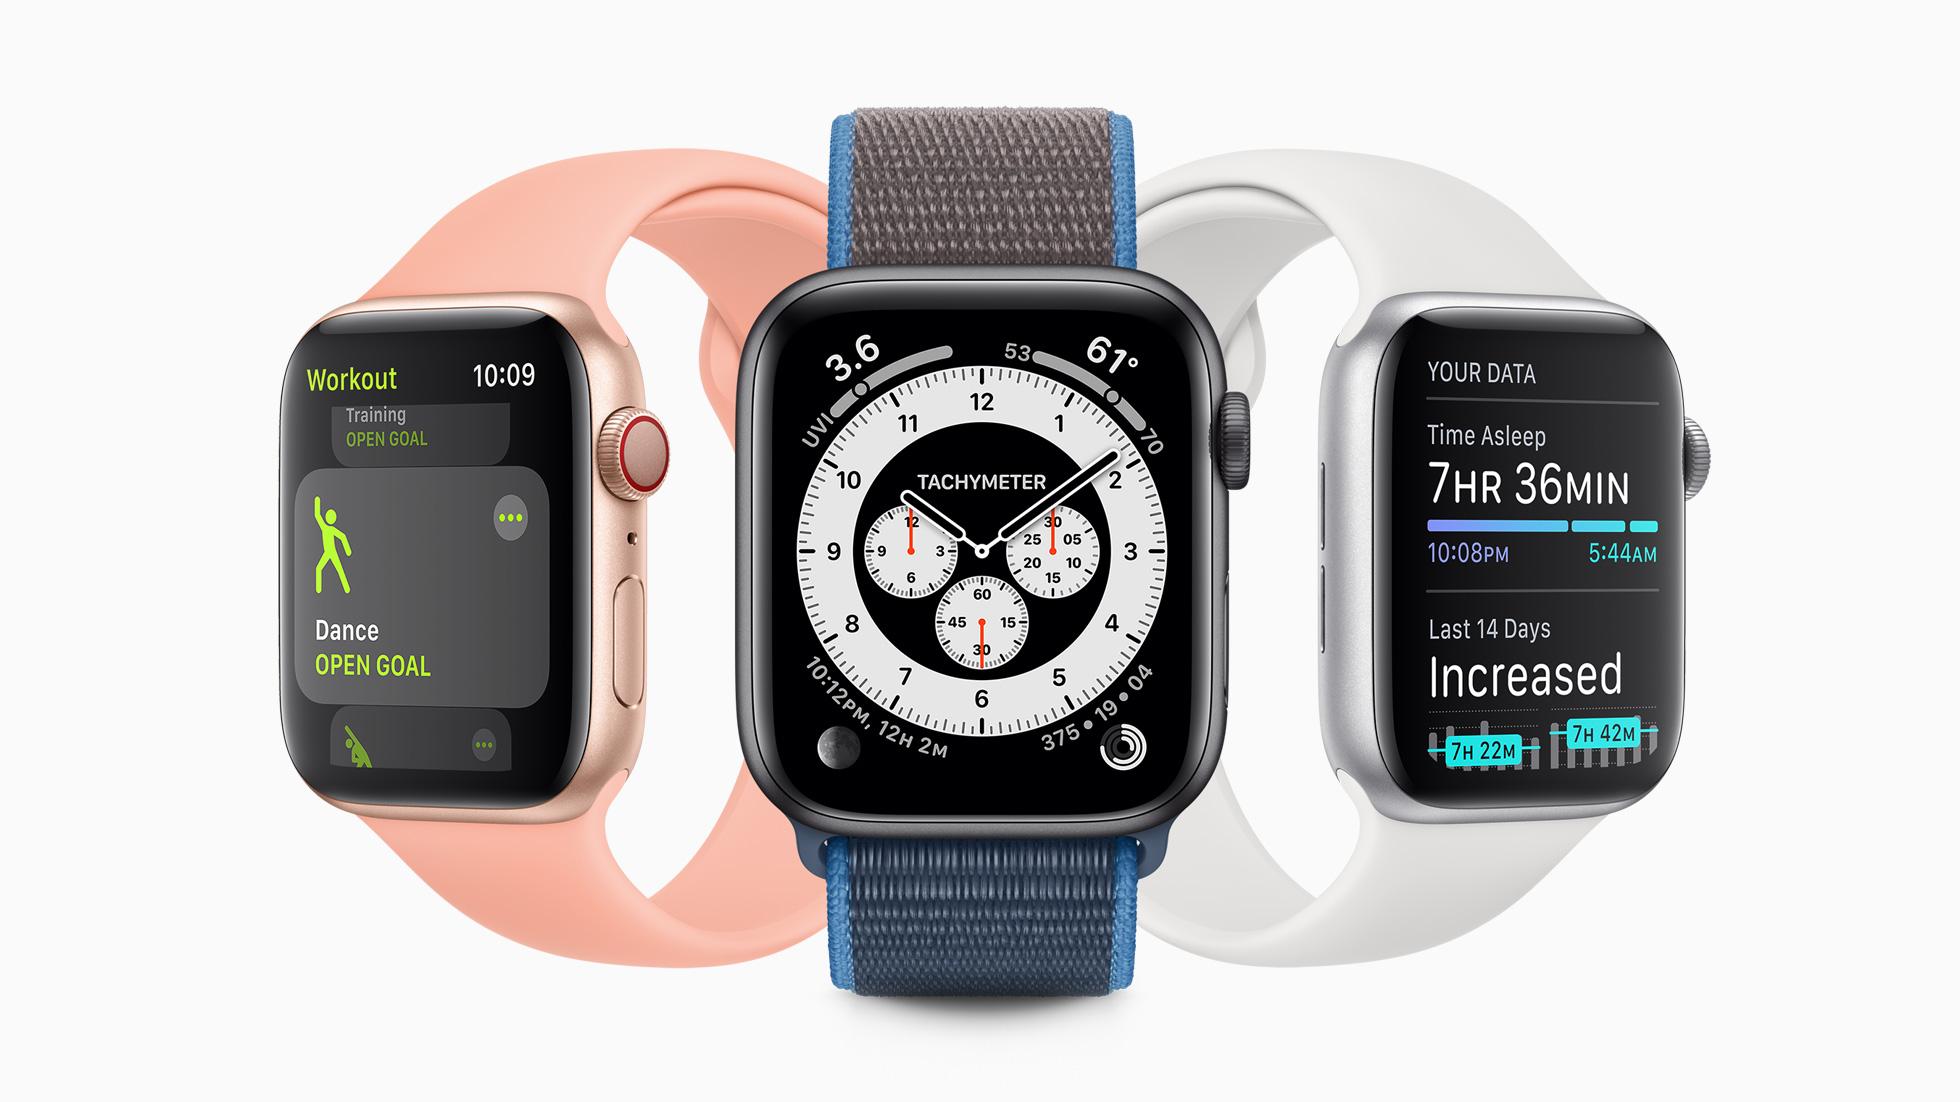 Apple Watchが進化、「watchOS 7」登場で新機能が明らかに。ワークアウトの種類追加、フィットネスに名称変更、手洗いチェック機能も搭載